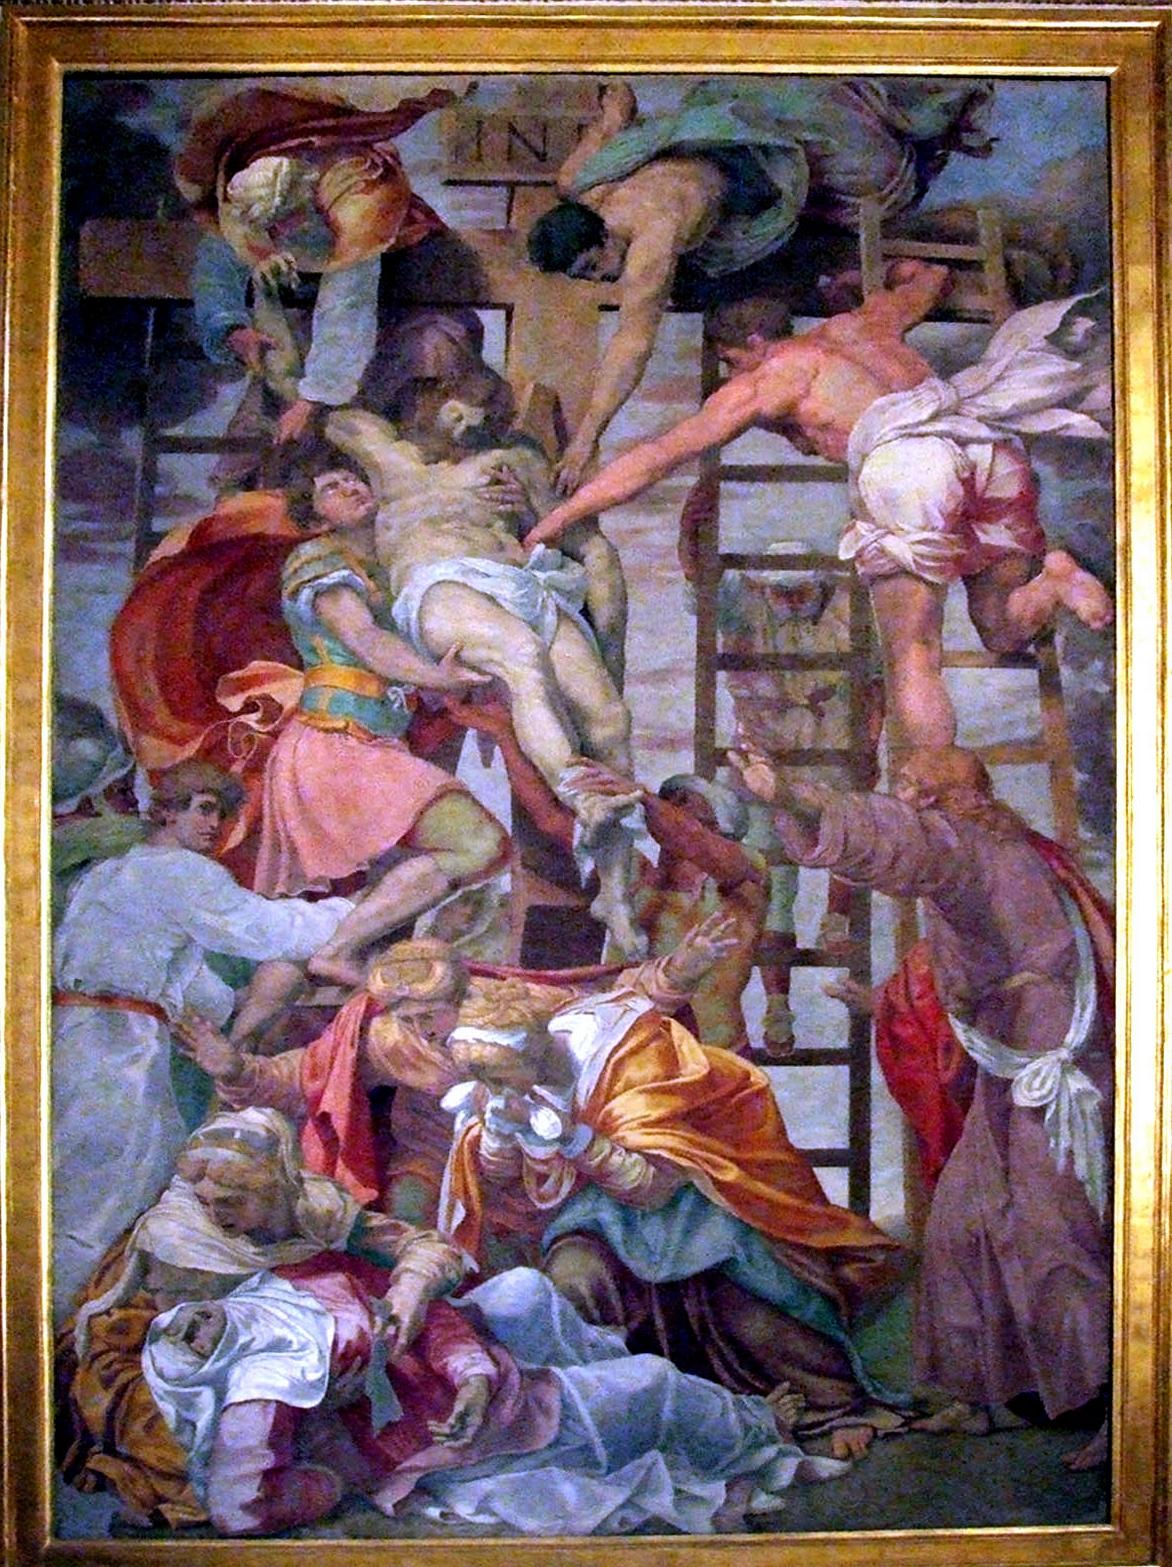 File:Daniele da Volterra - The Massacre of the Innocents